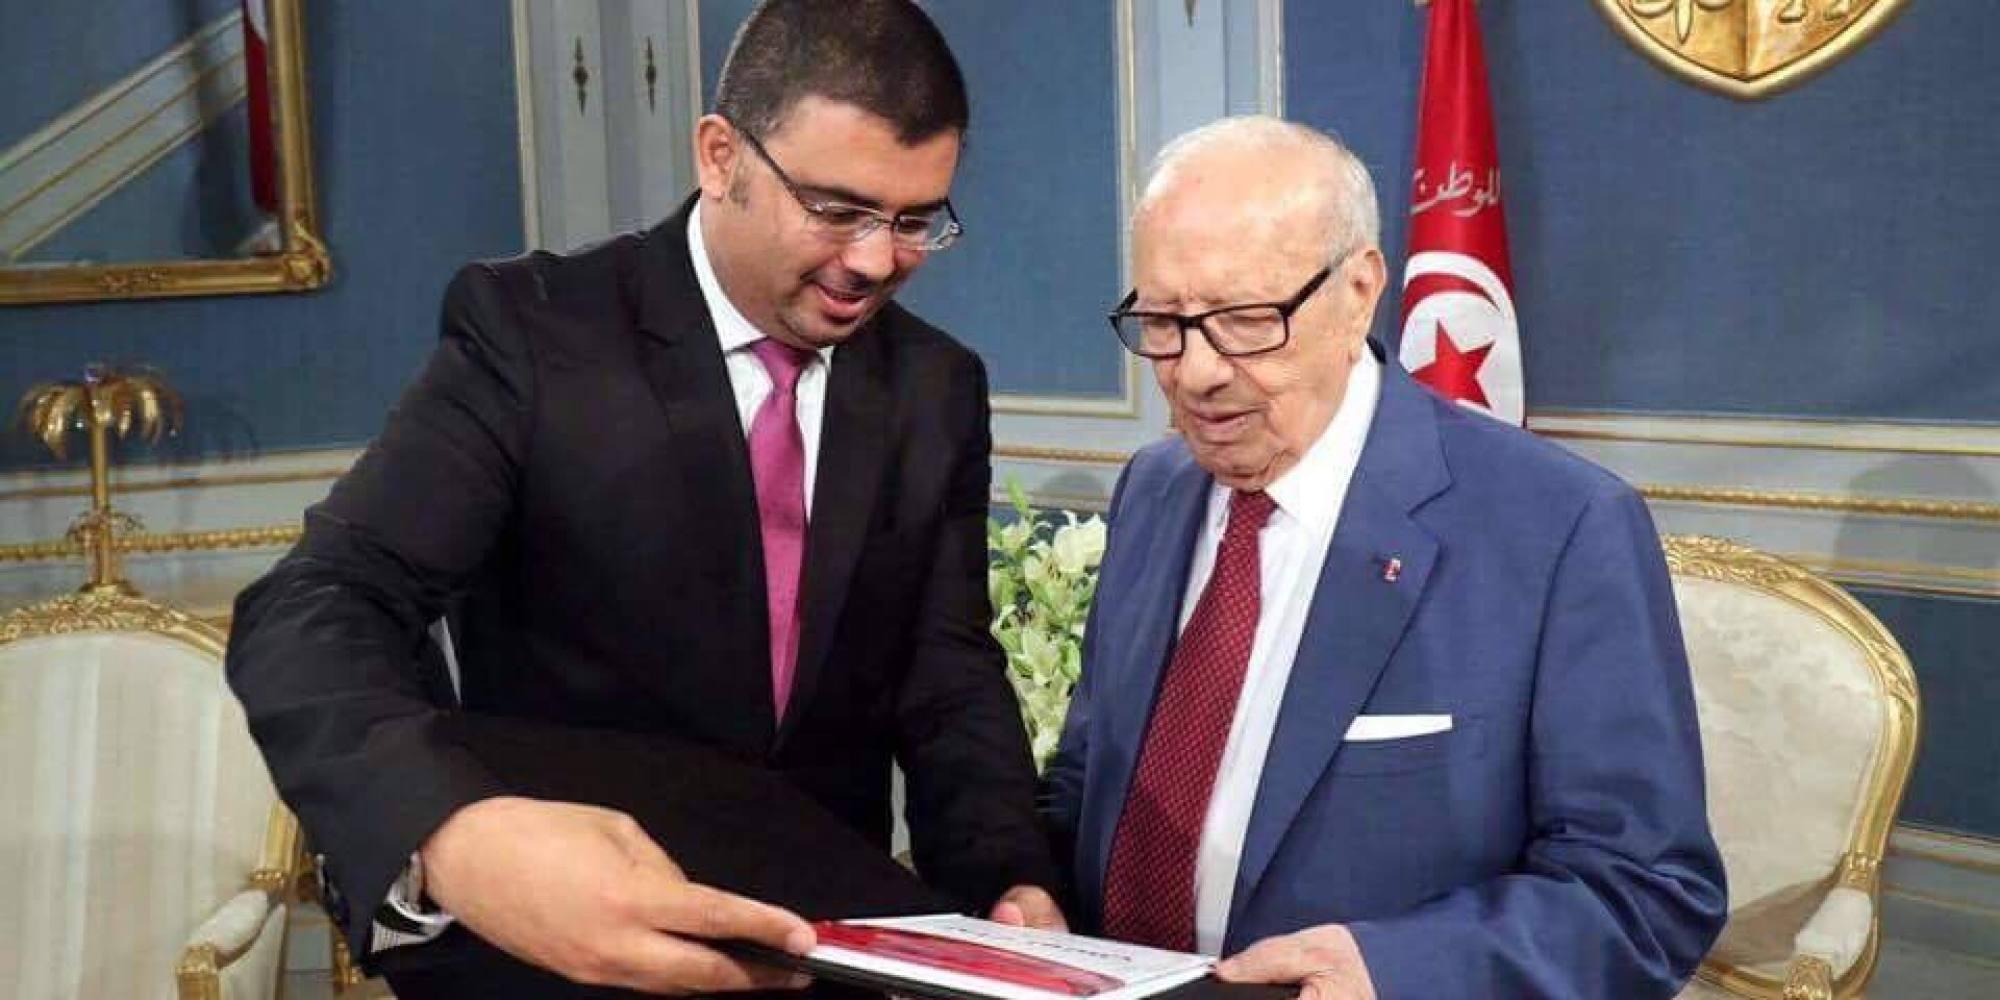 وصفهم بـ رعاع بن علي .. كتاب عن حزب الرئيس يشعل الخلاف بين قيادي في  نداء تونس  والمعارضة